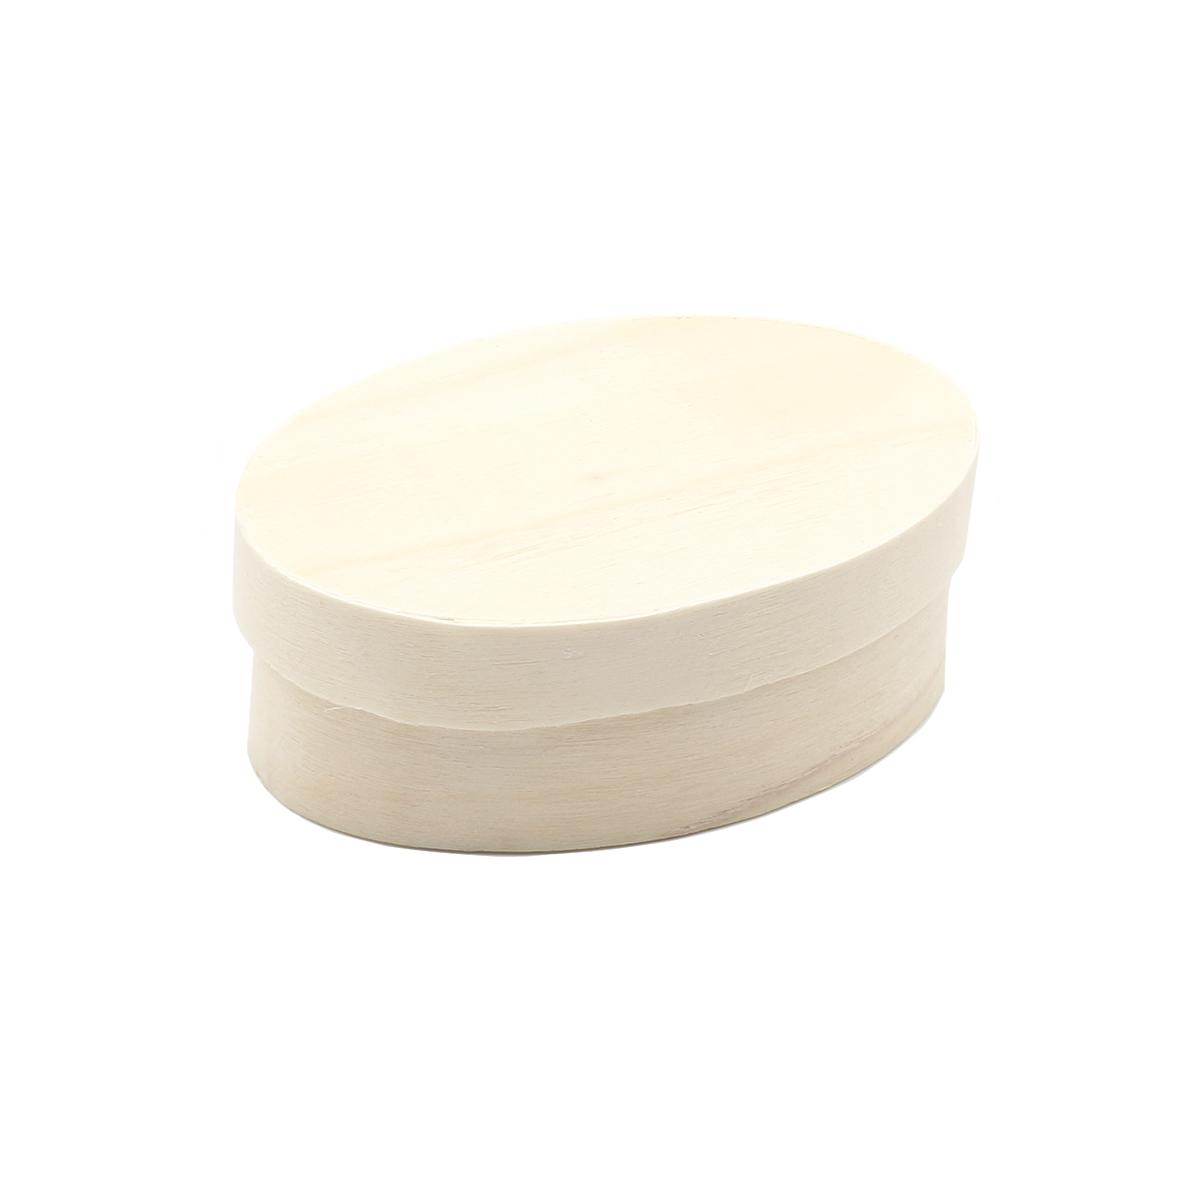 62004085 Деревянная шкатулка (овал), 5,5*8,5*3 см, Glorex